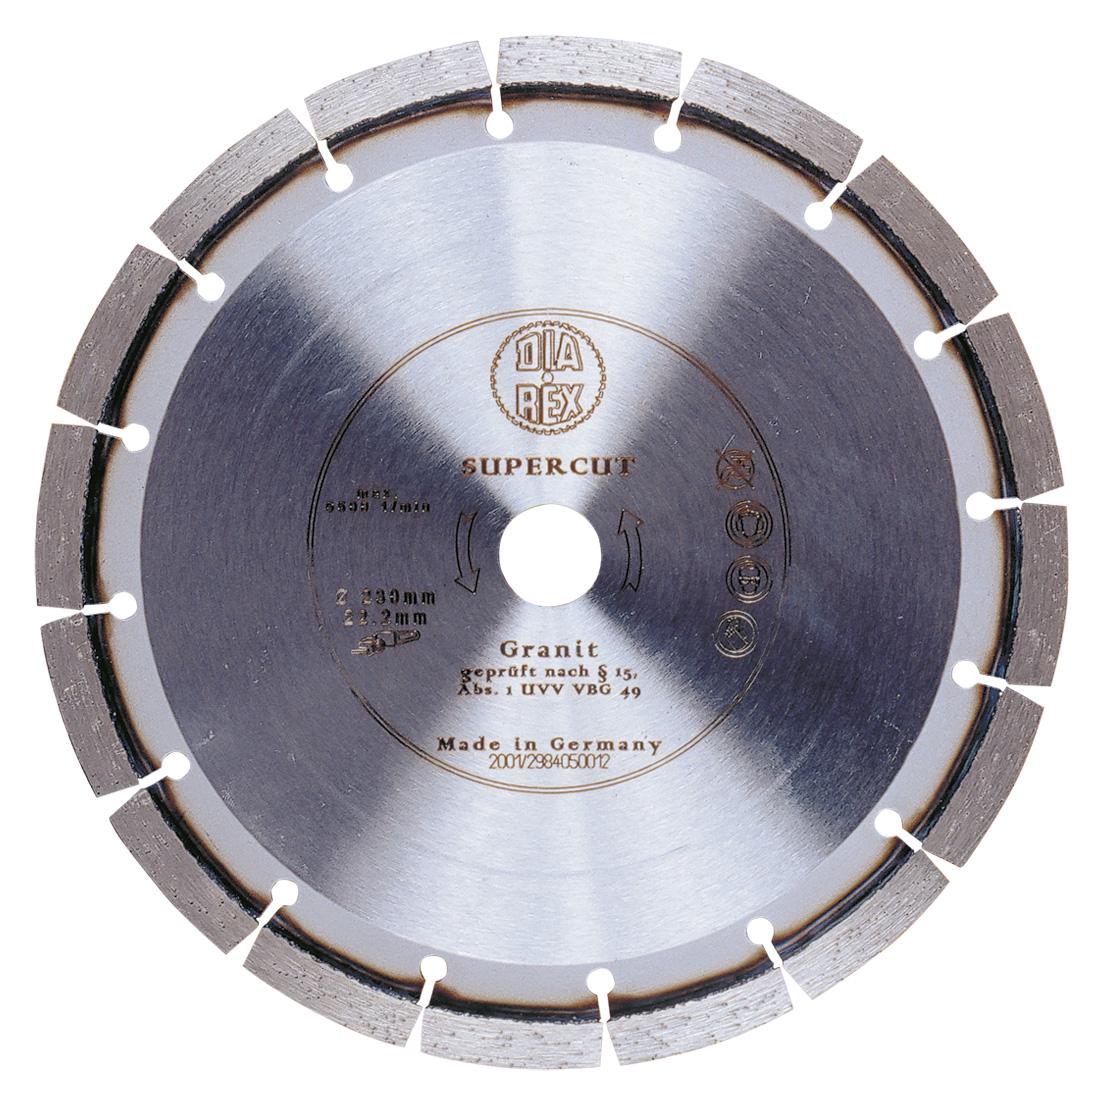 DIAREX Trennscheibe Supercut ø 125 mm